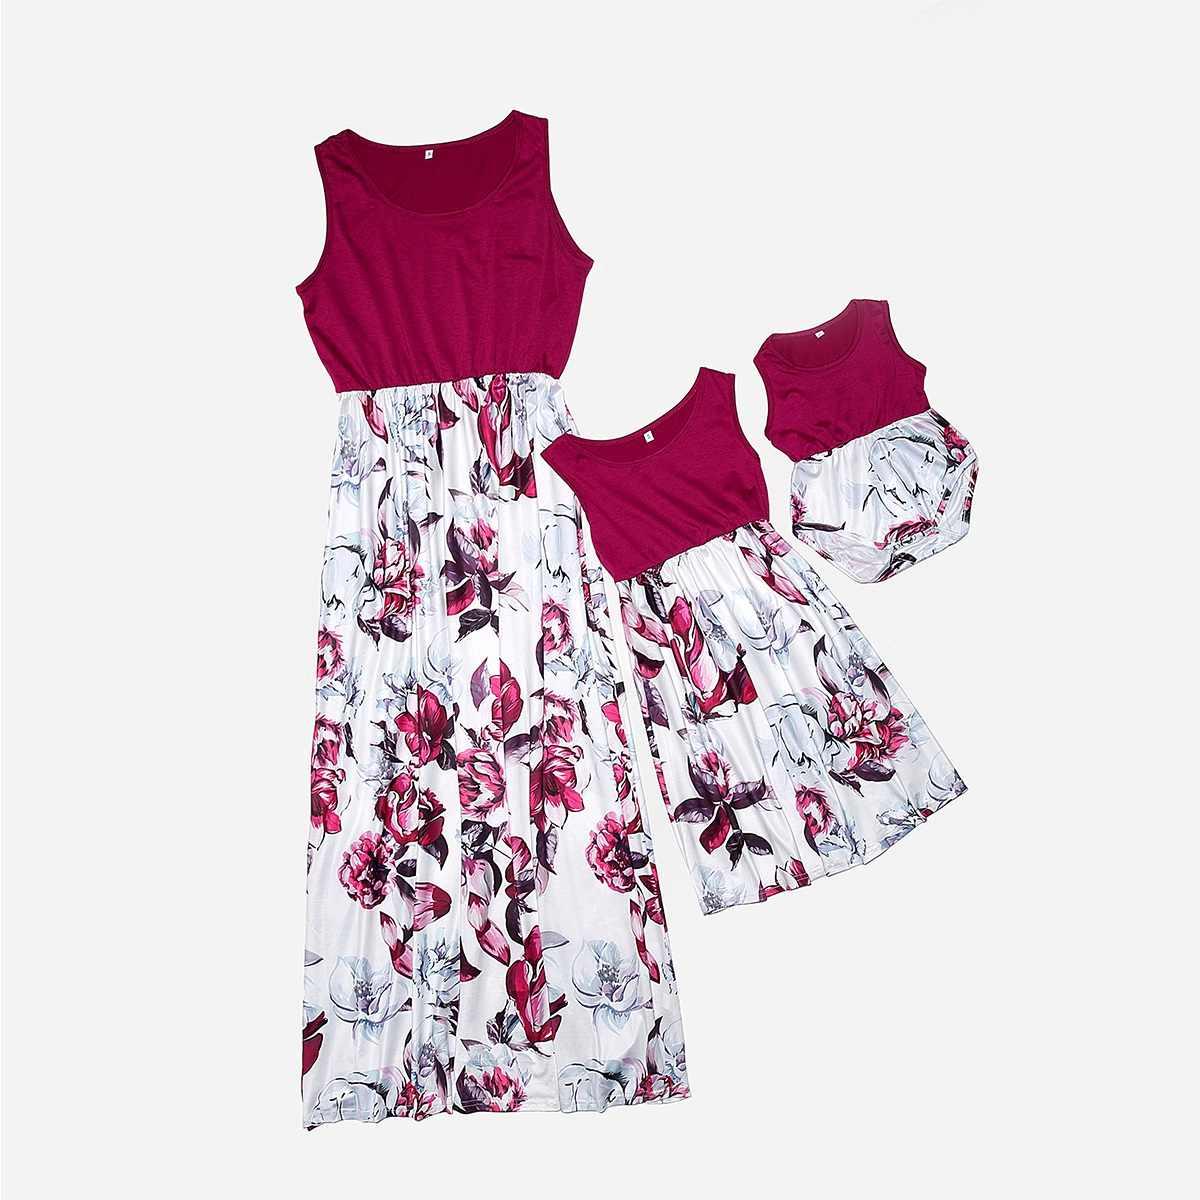 Estampado floral madre hija vestidos sin mangas mamá y yo ropa familia mirada alta cintura mamá bebé vestido a juego trajes